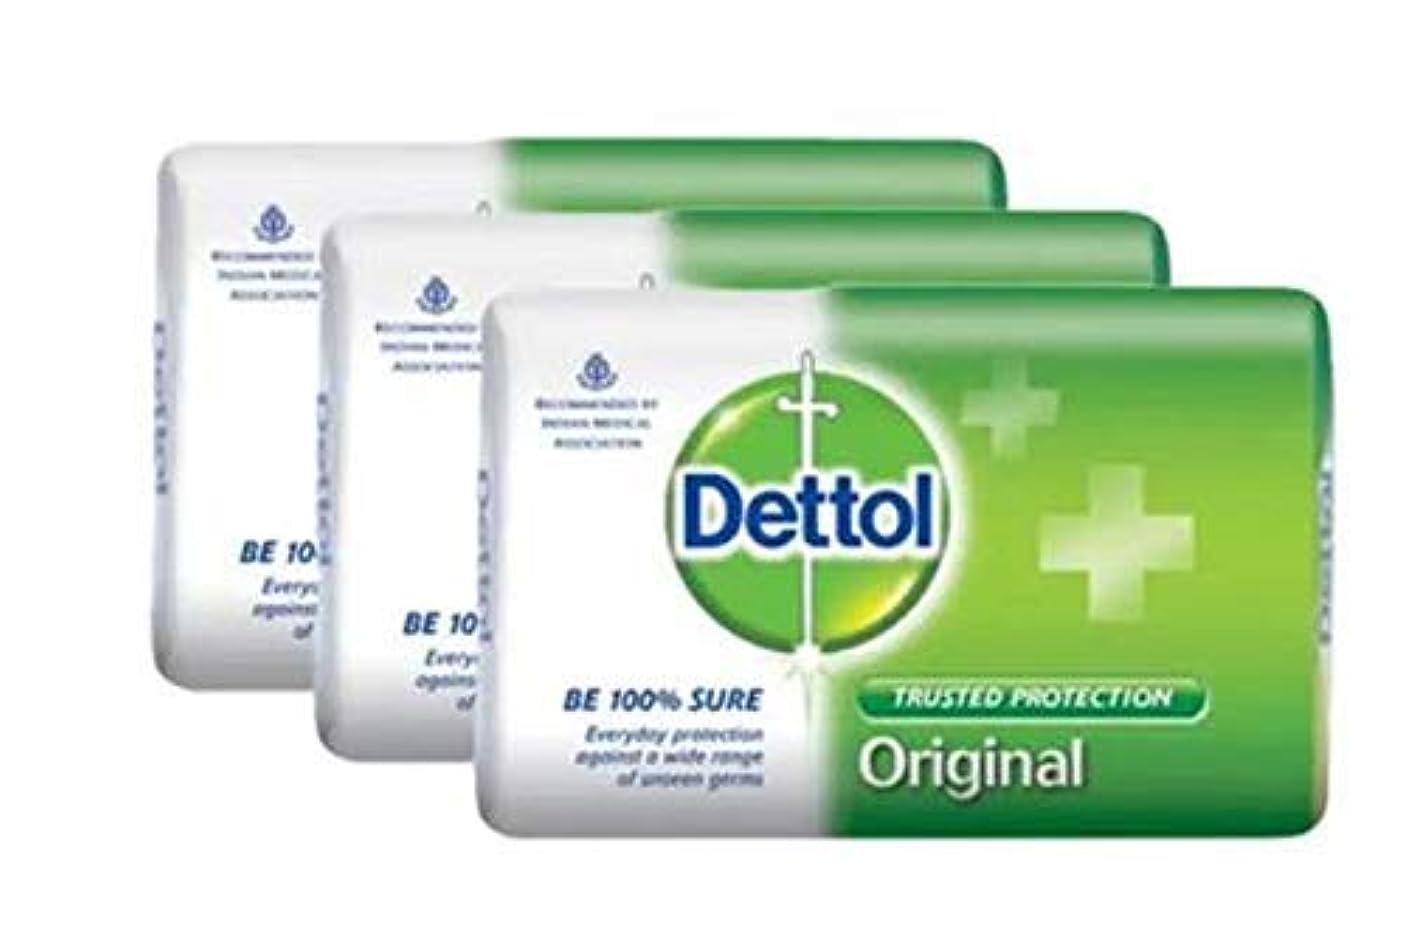 充実市区町村以内にDettol 固形石鹸オリジナル3x105g-は、信頼Dettol保護から目に見えない細菌の広い範囲を提供しています。これは、皮膚の衛生と清潔を浄化し、保護します